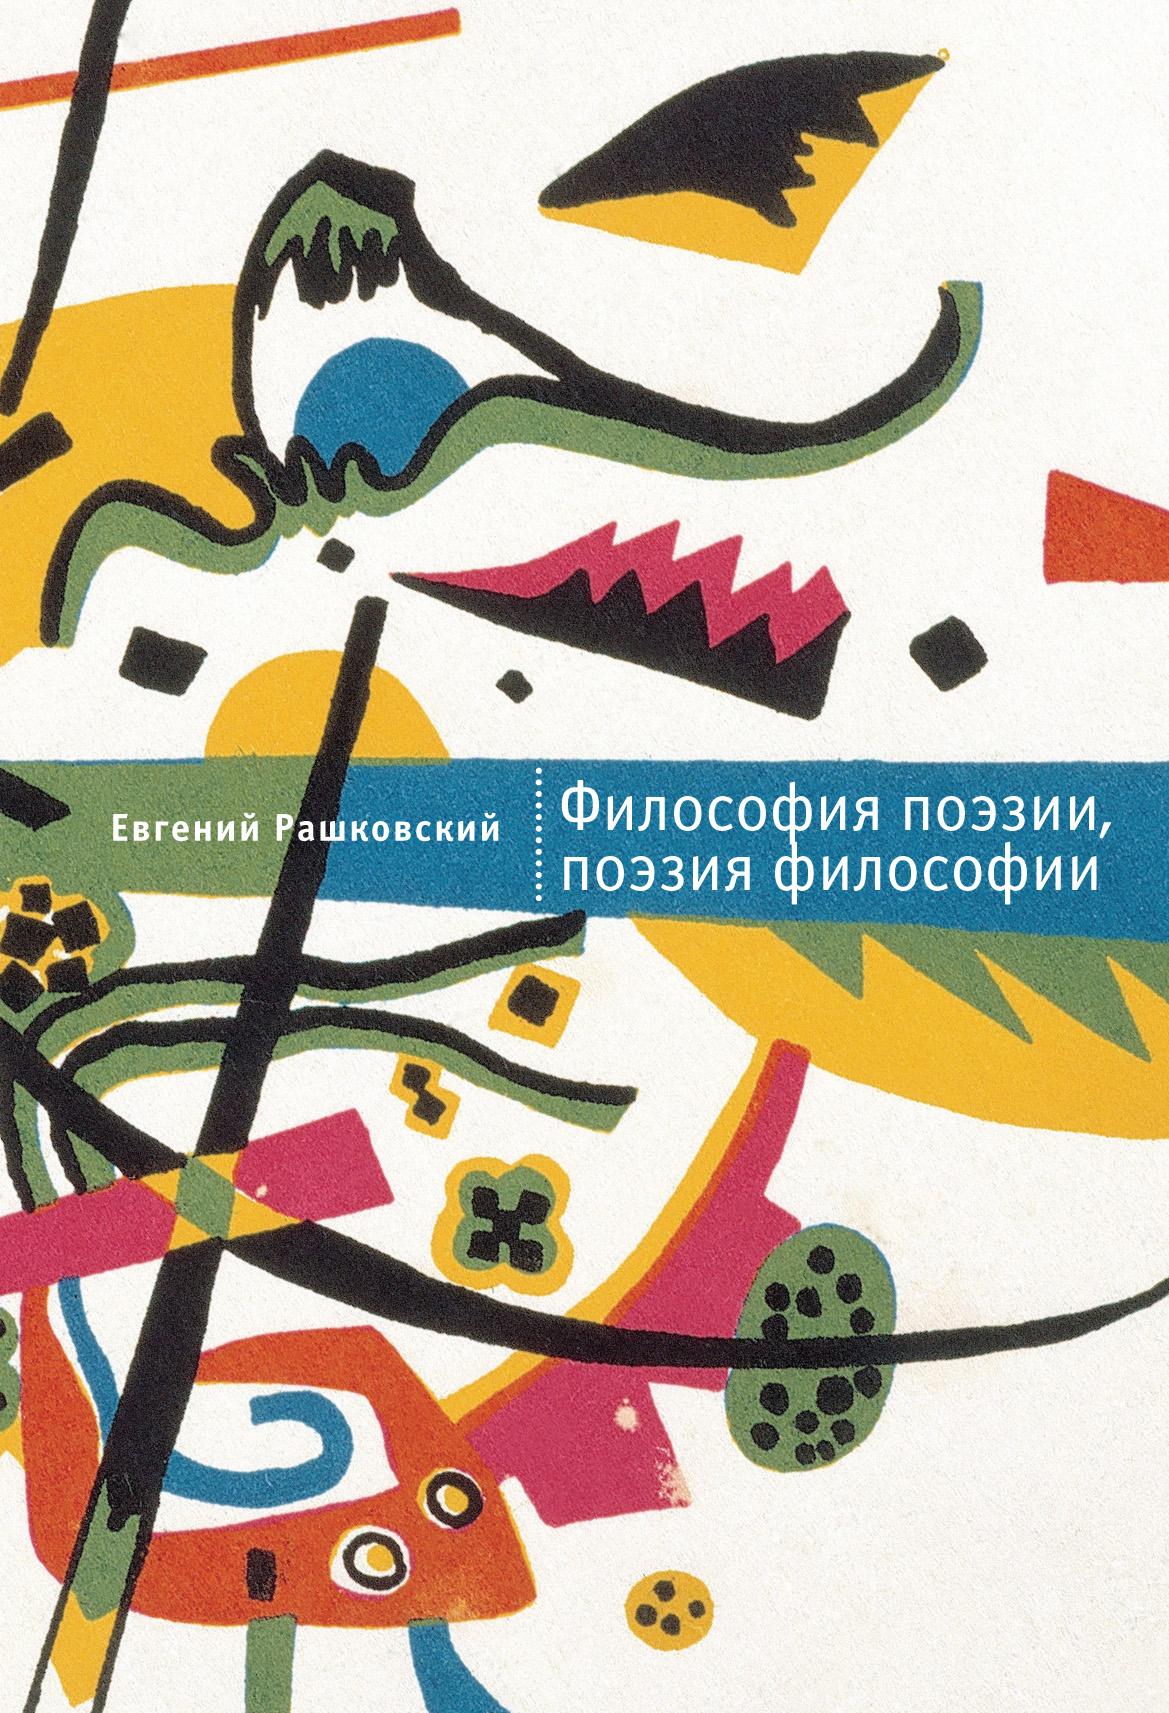 Евгений Рашковский Философия поэзии, поэзия философии елена дильбанж поэзия всемирный день поэзии